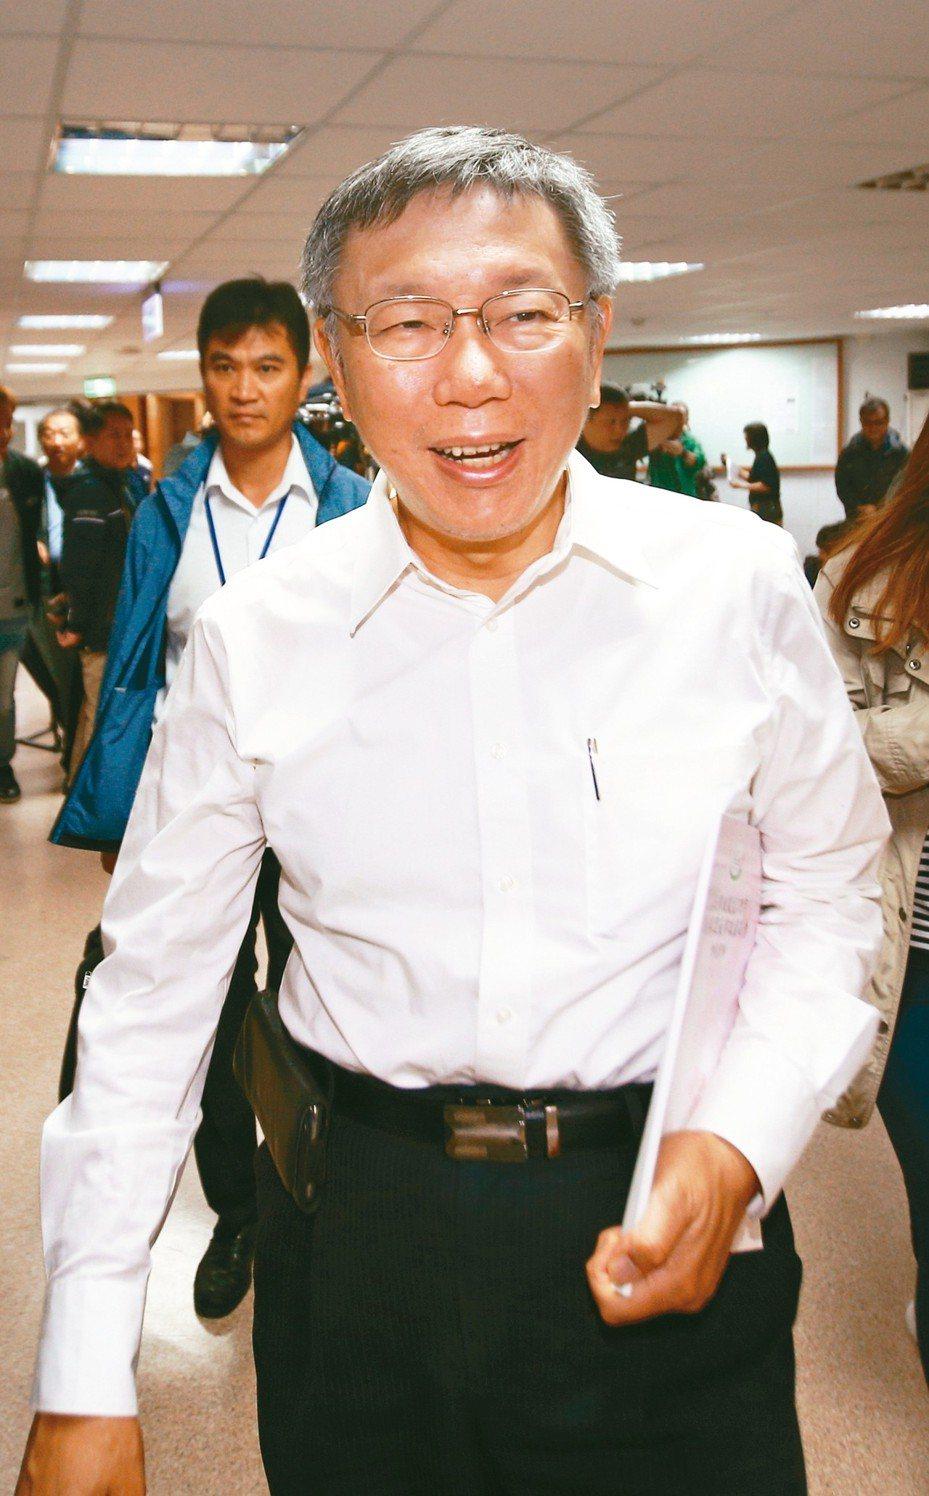 台北市長柯文哲上午回應手機民調與丁守中提出選舉無效之訴若一審敗訴該如何?柯表示自己是潛力股,11月二審完再講,在還沒發生之前,不要浪費時間。 記者蘇健忠/攝影